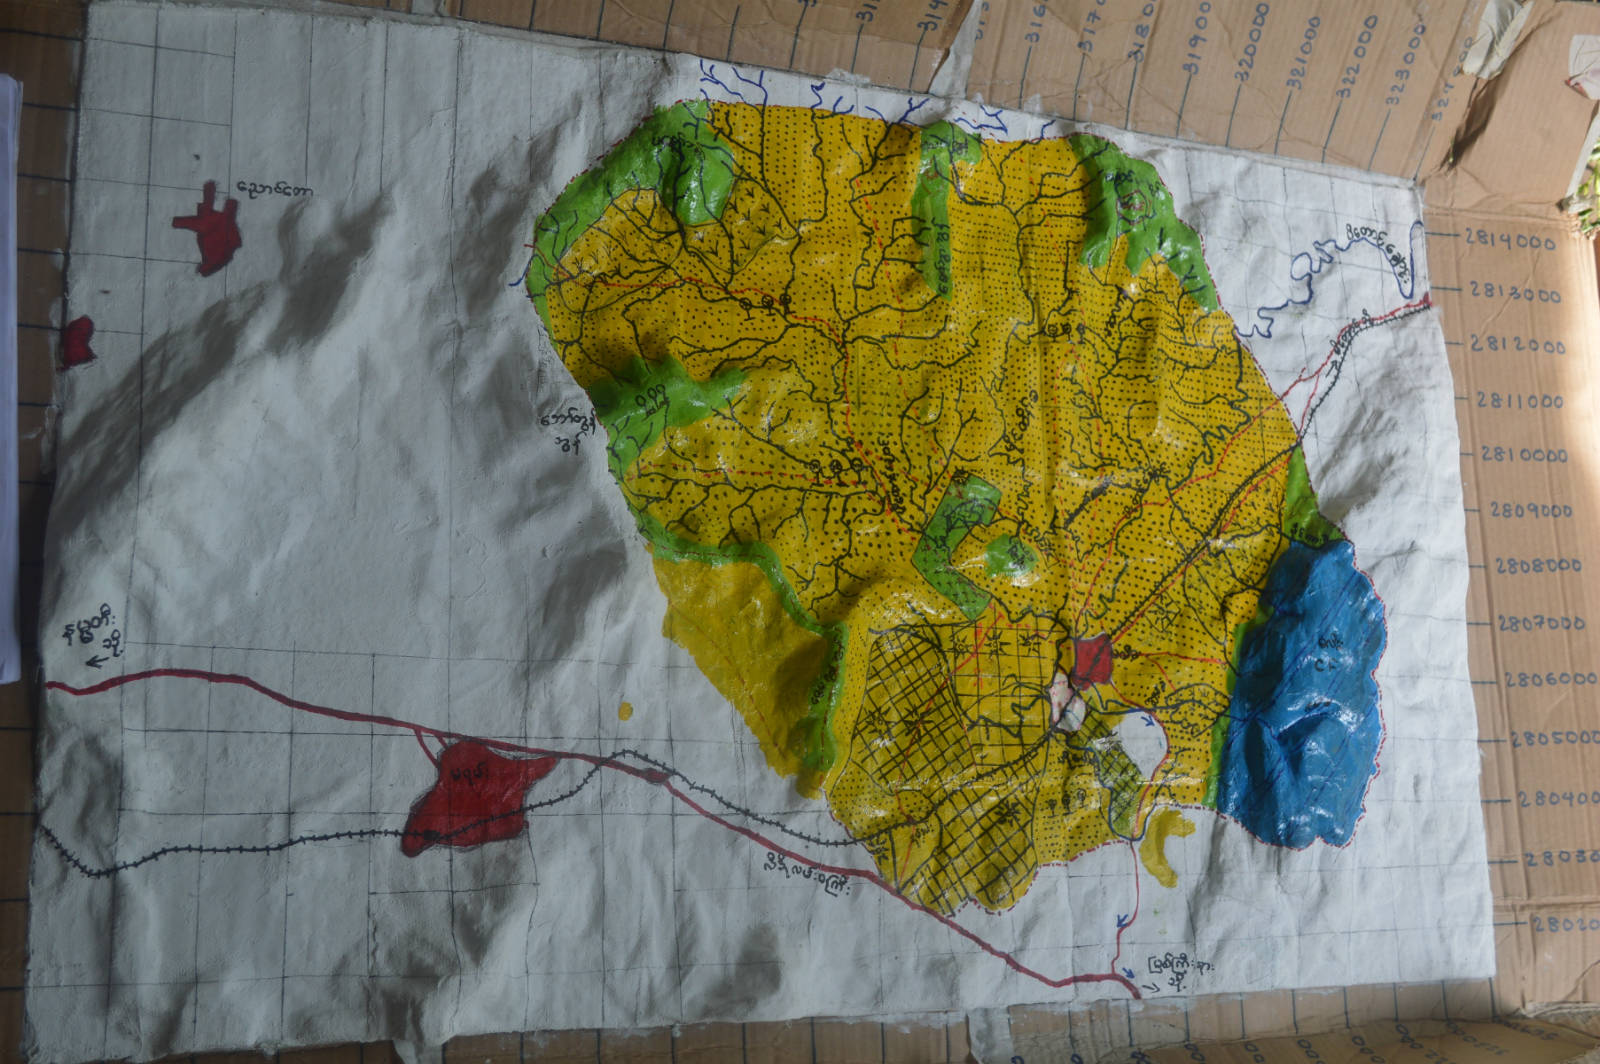 克欽邦的森林用戶小組利用自製的地勢模型,更好地掌握及規劃自己社區的林地使用。